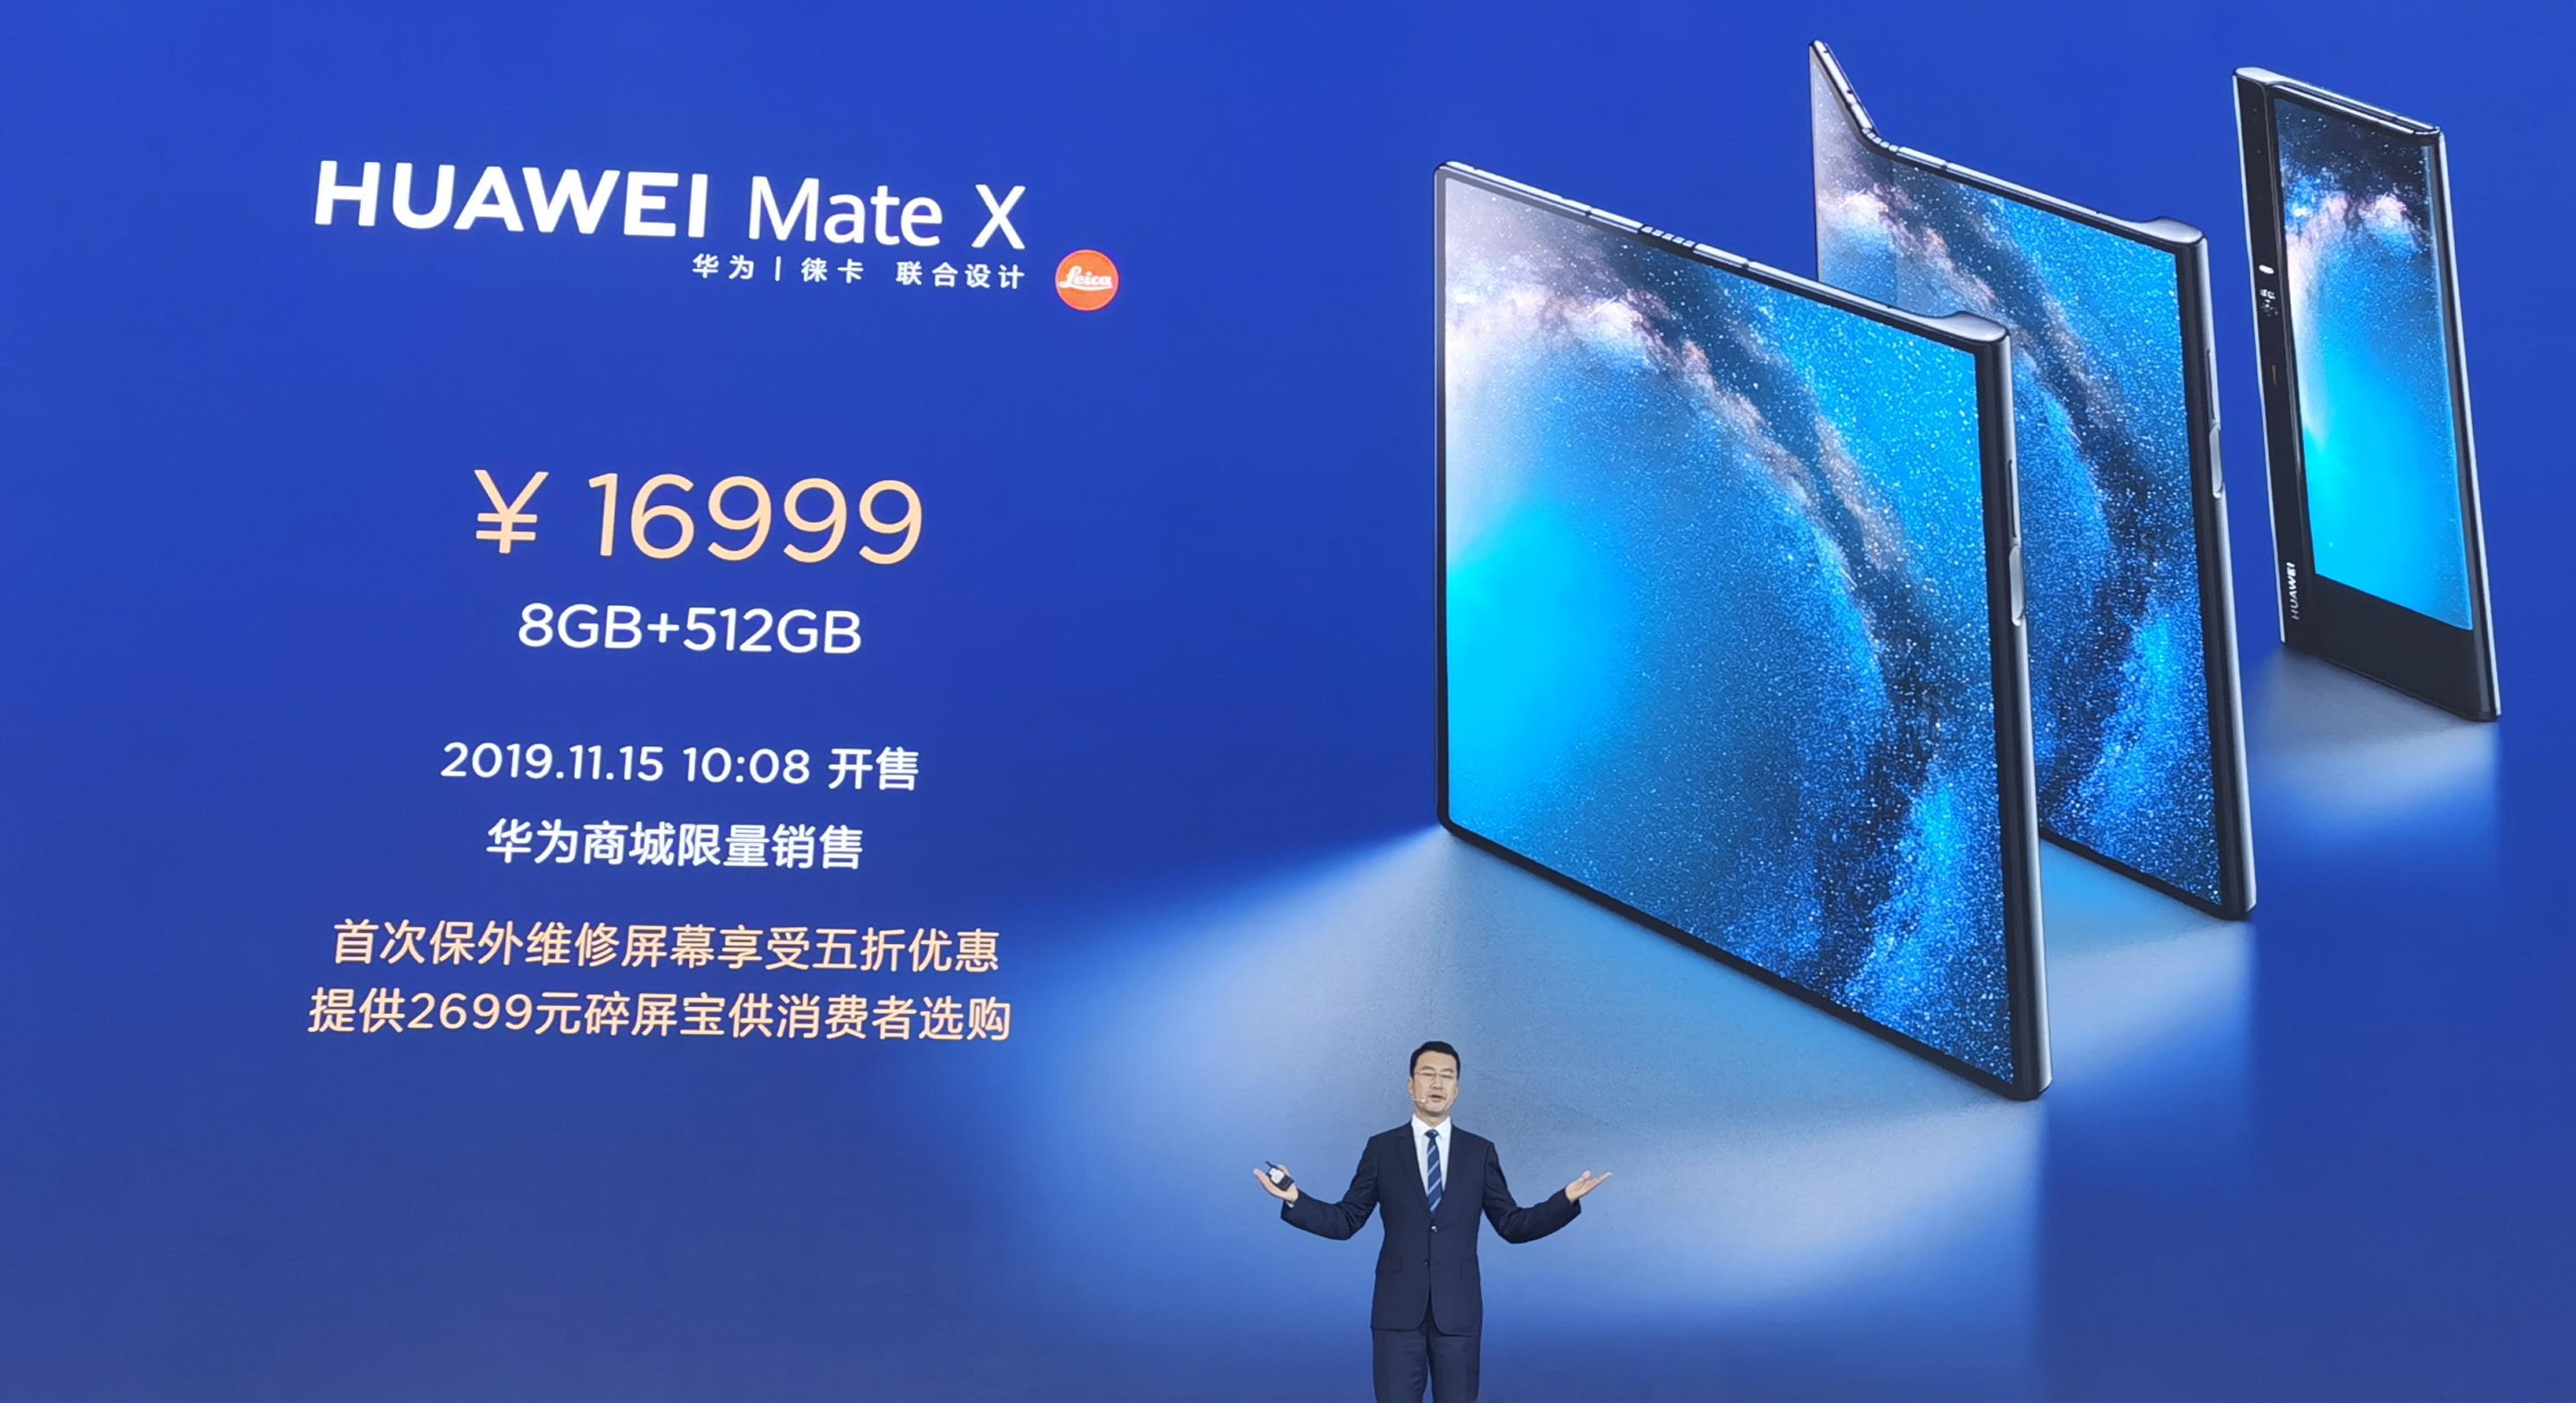 华为5G折叠屏Mate X发布:售价16999元 11月15日开售